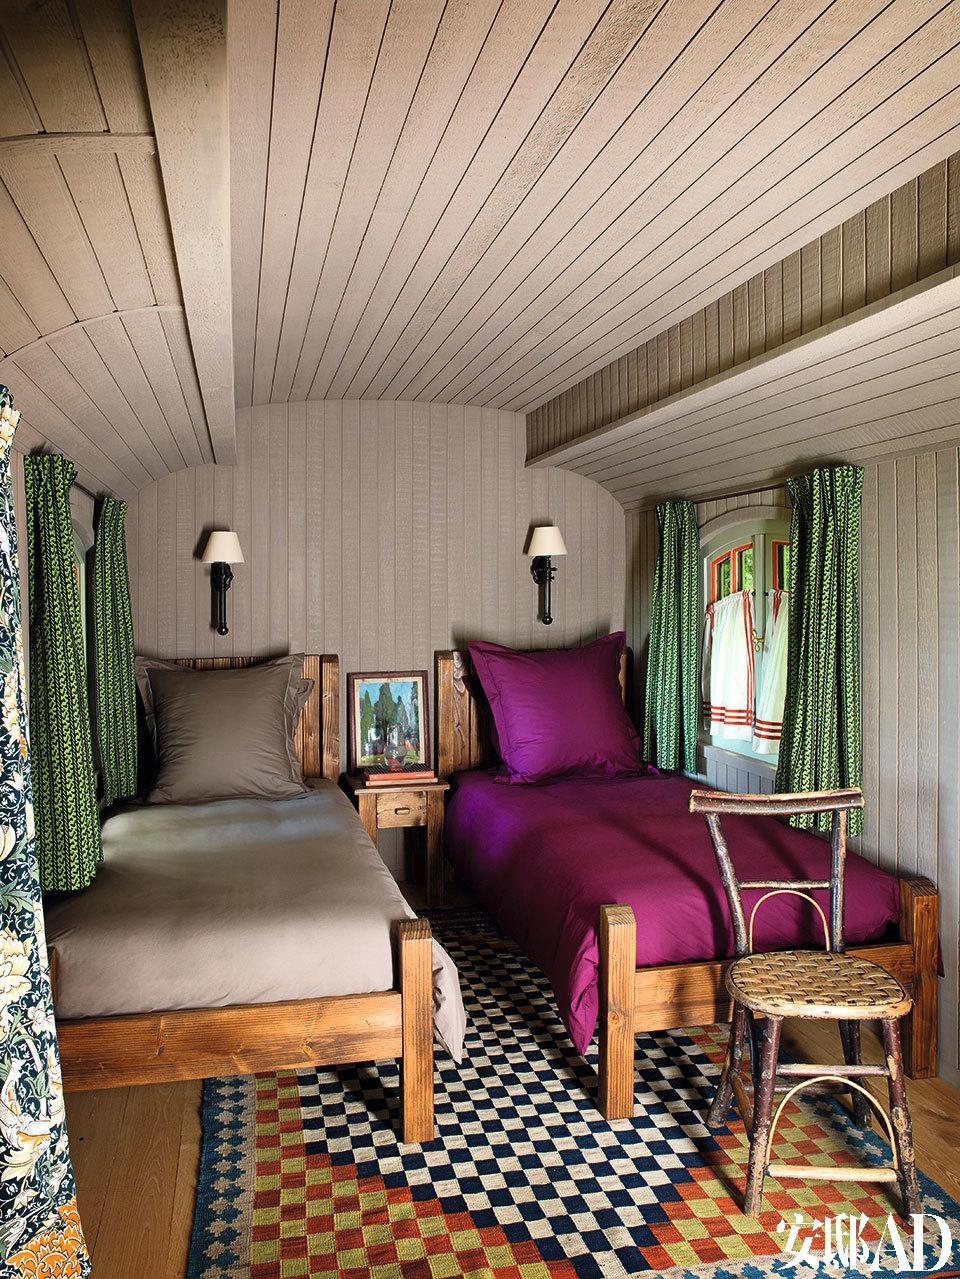 Jacques Grange将一辆传统的吉卜赛大篷车改造成一间整洁的客房。定制的松木床,格纹基里姆地毯,绿色的窗帘选用了老式的William Morris织物面料。